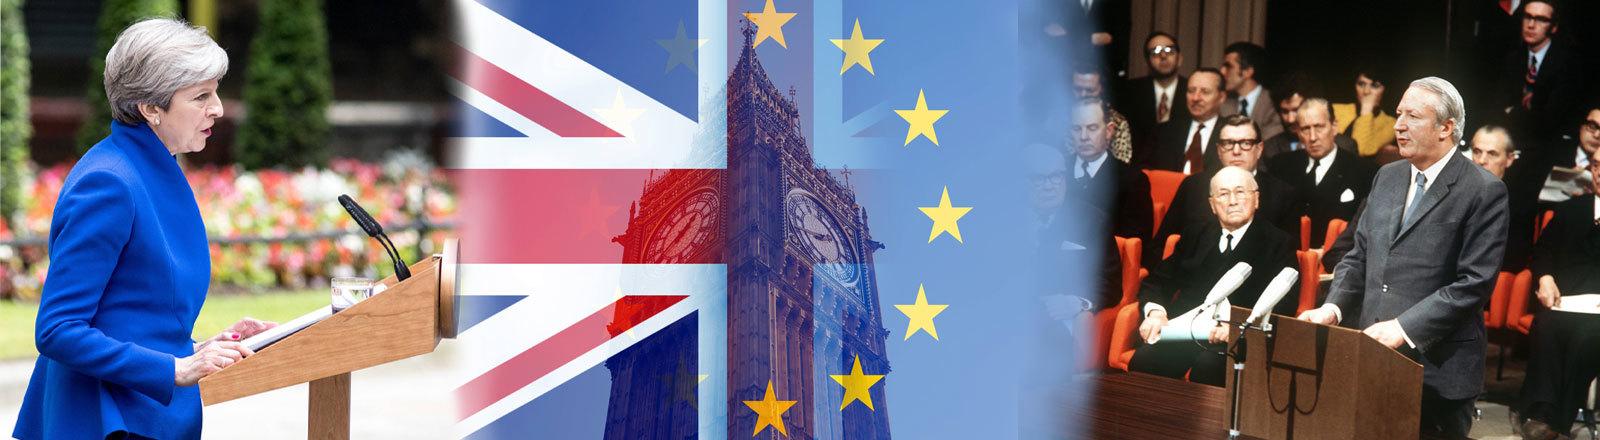 Flagge Großbritanniens und der EU vor dem Big Ben. Großbritanniens Premierminsiter Edward Heath bei seiner Ansprach. Am 22. Januar 1972 haben die Vertreter von Großbritannien, Irland, Norwegen und Dänemark in Belgiens Hauptstadt Brüssel die Beitrittsurkunden zur EU unterzeichnet. Der Beitritt der Länder, bis auf Norwegen. e.